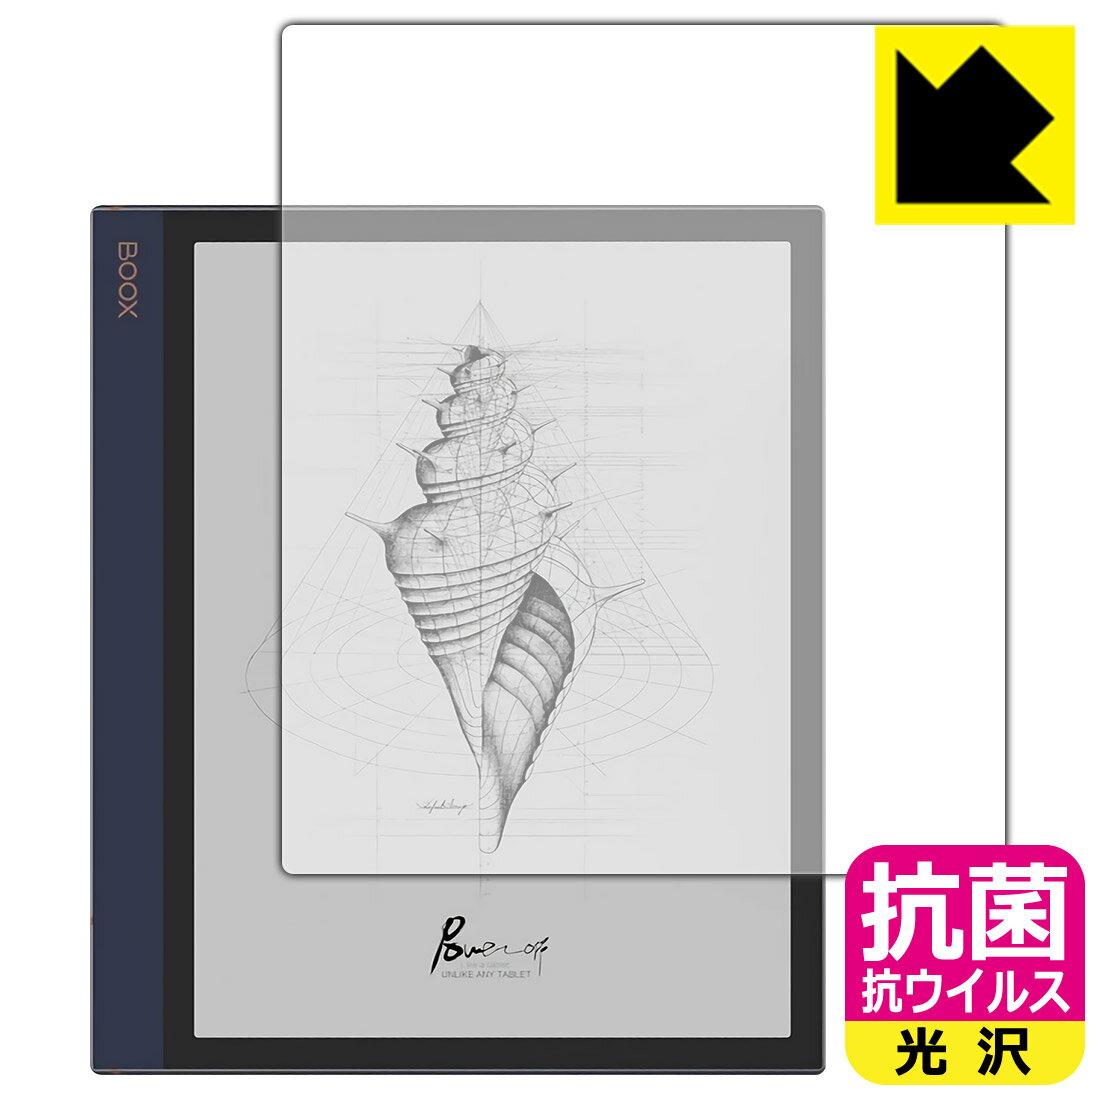 電子書籍リーダーアクセサリー, その他  Onyx BOOX Note Air RCPsmtb-kd